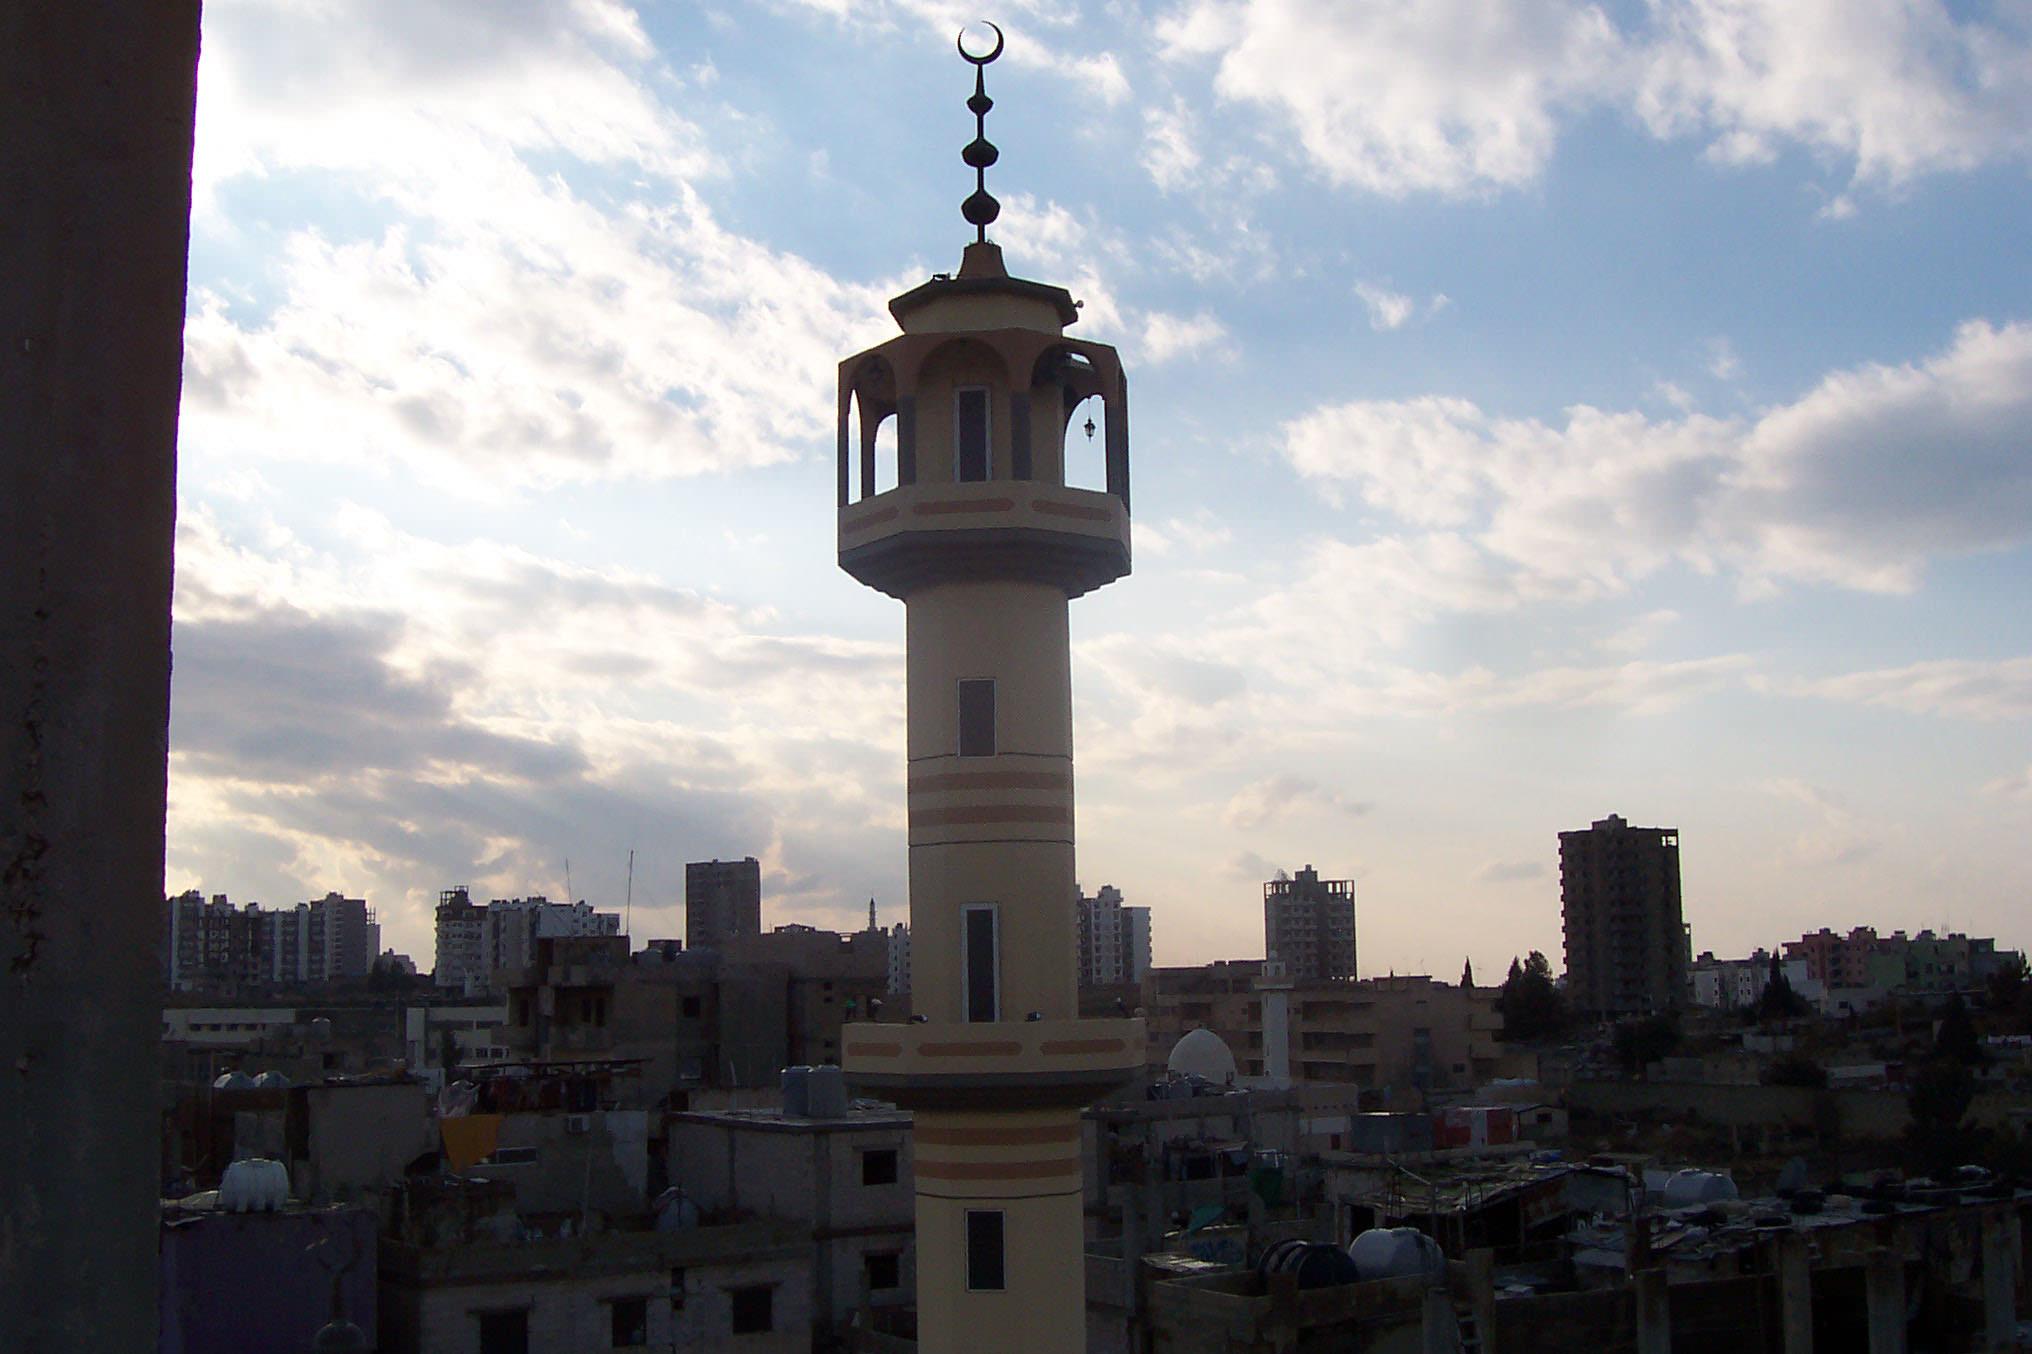 صورة الجامع الكبير في مخيم البداوي // عمربن الخطاب